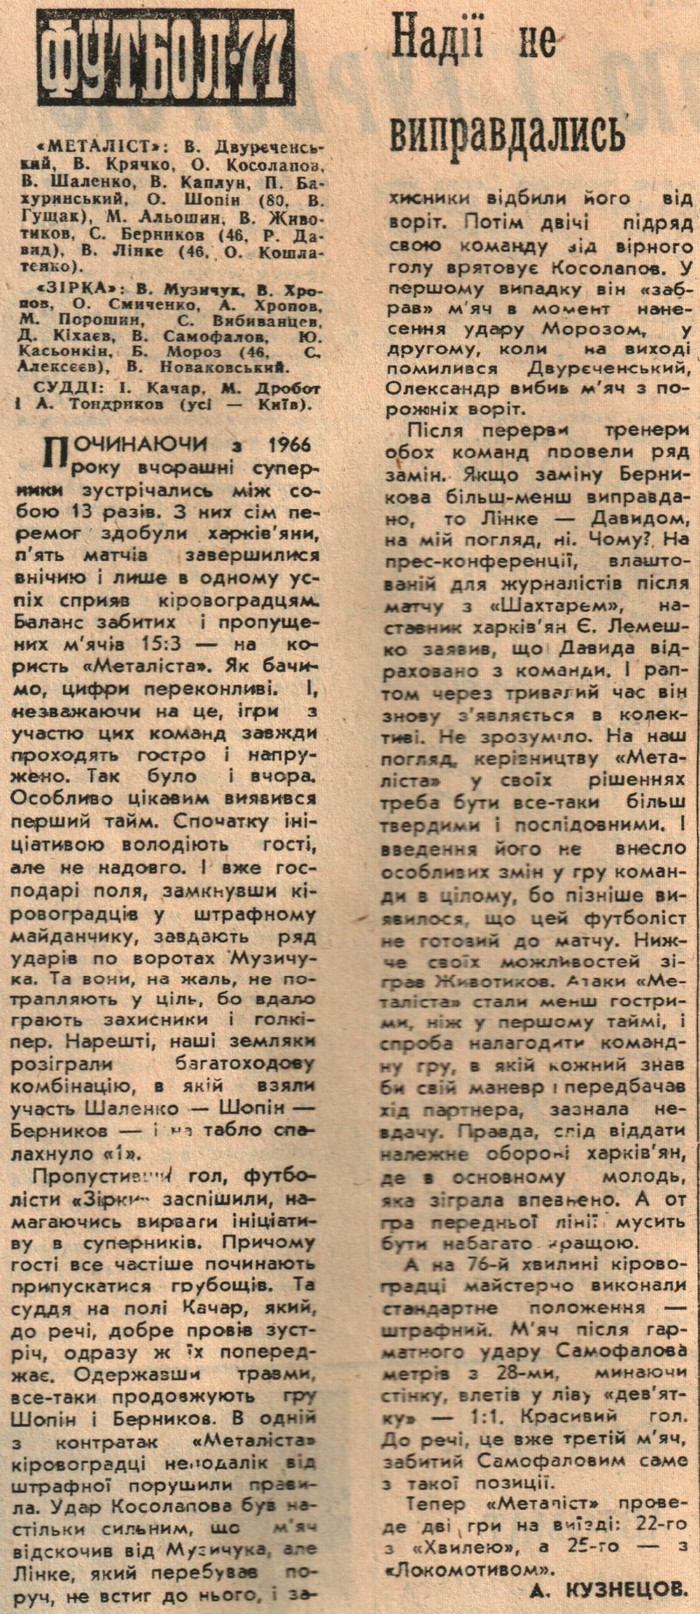 [Изображение: 1977-08-12_MKh-Zirka_1-1.jpg]